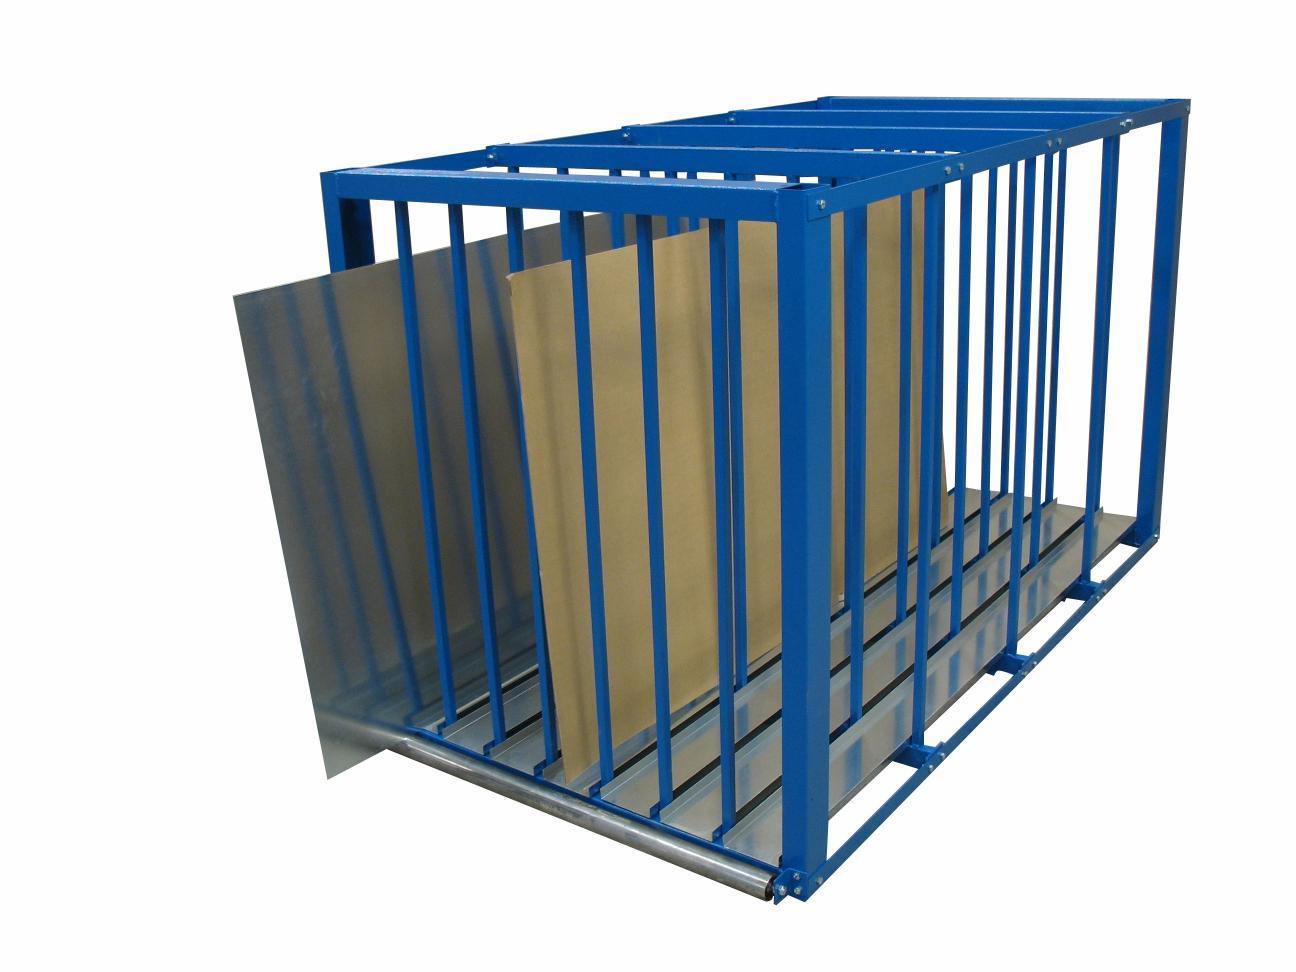 regale f r jeden bedarf wir lagern alles einfach. Black Bedroom Furniture Sets. Home Design Ideas